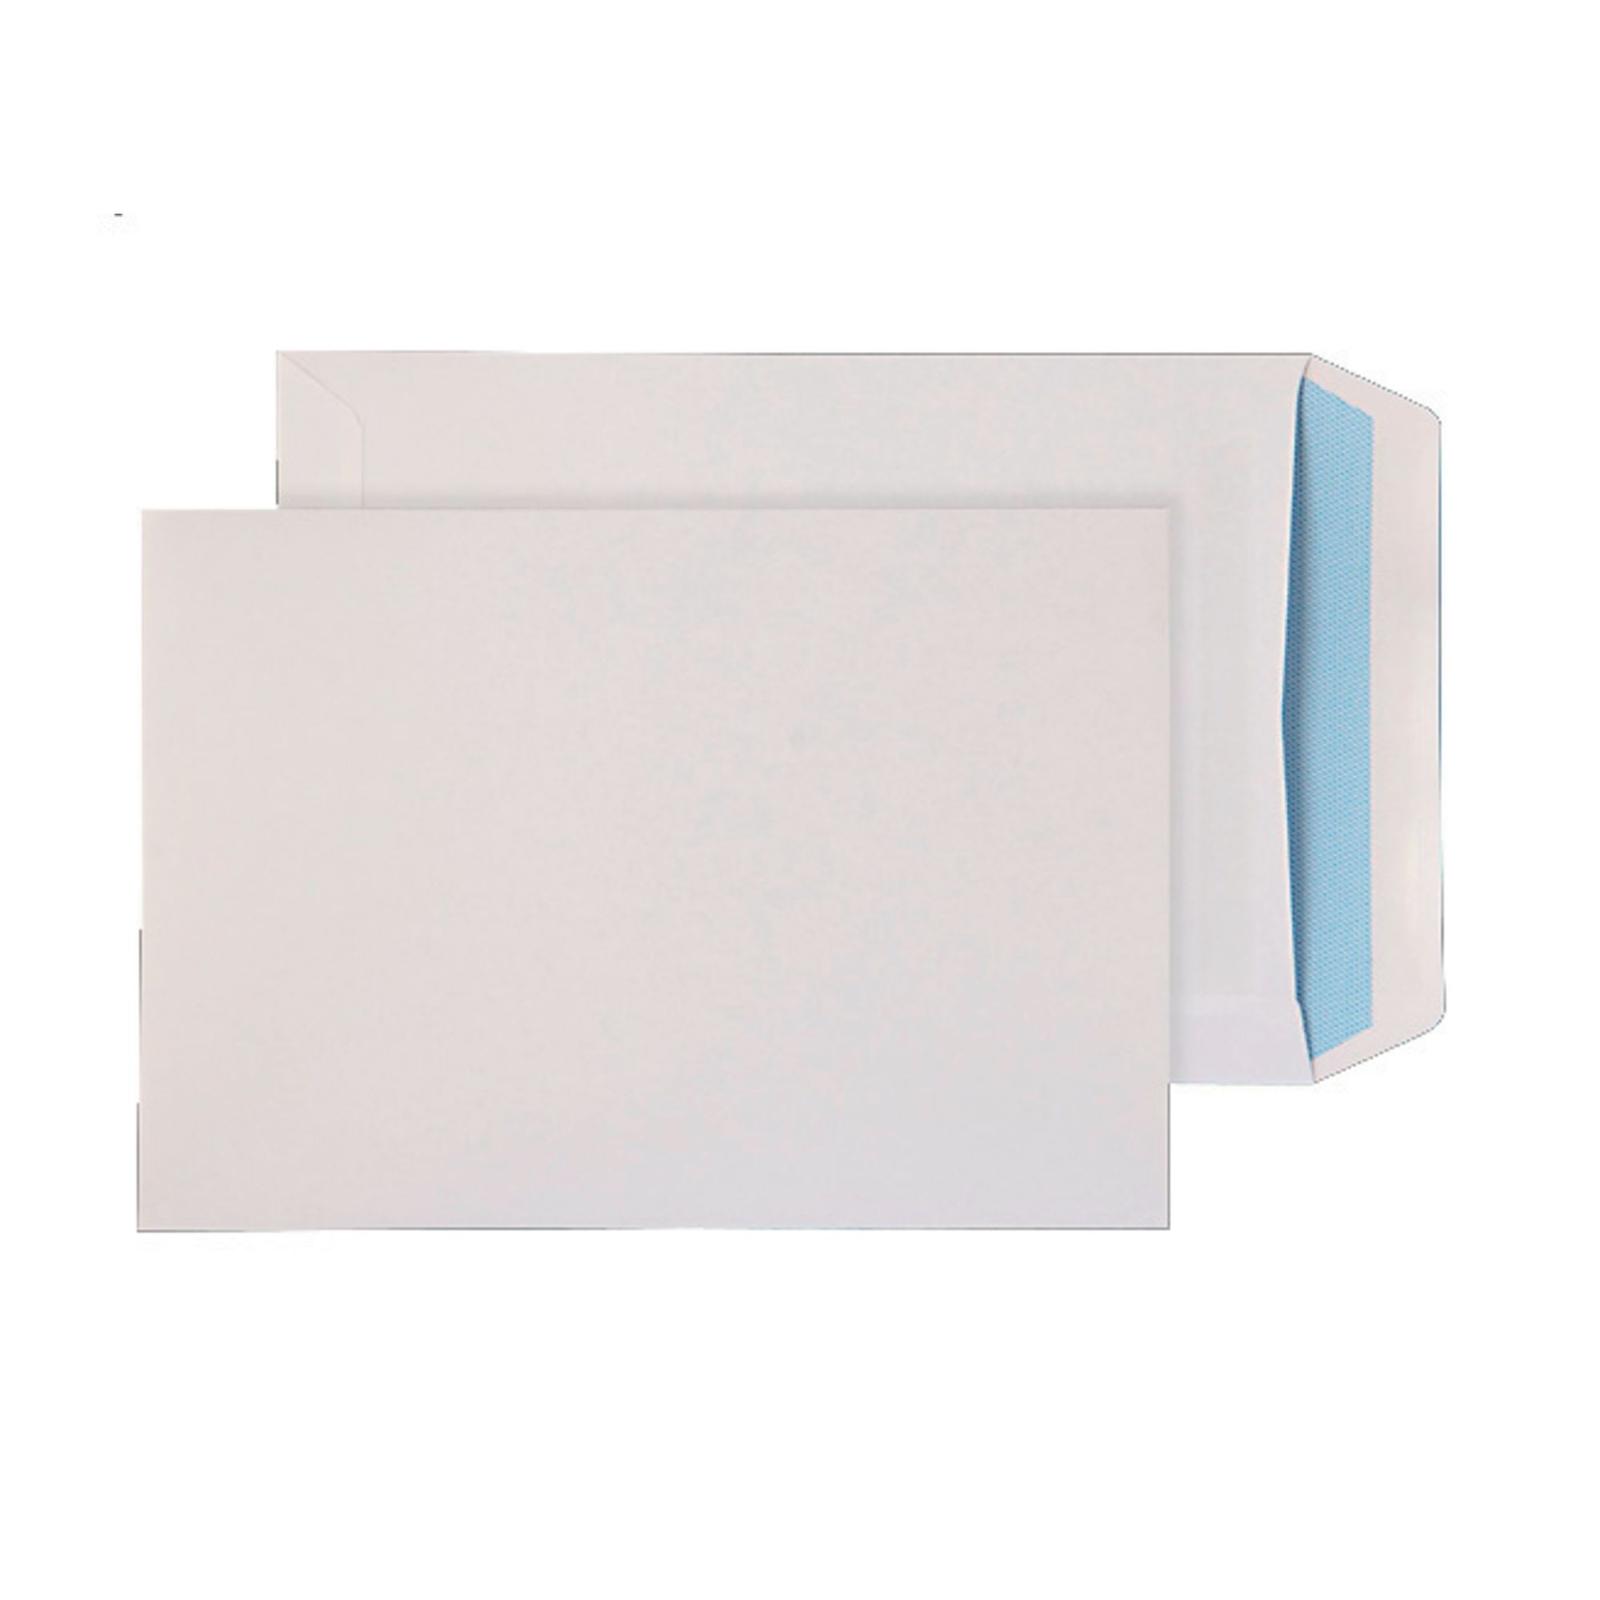 C5 White Self Seal Pocket Envelopes - Pack of 25